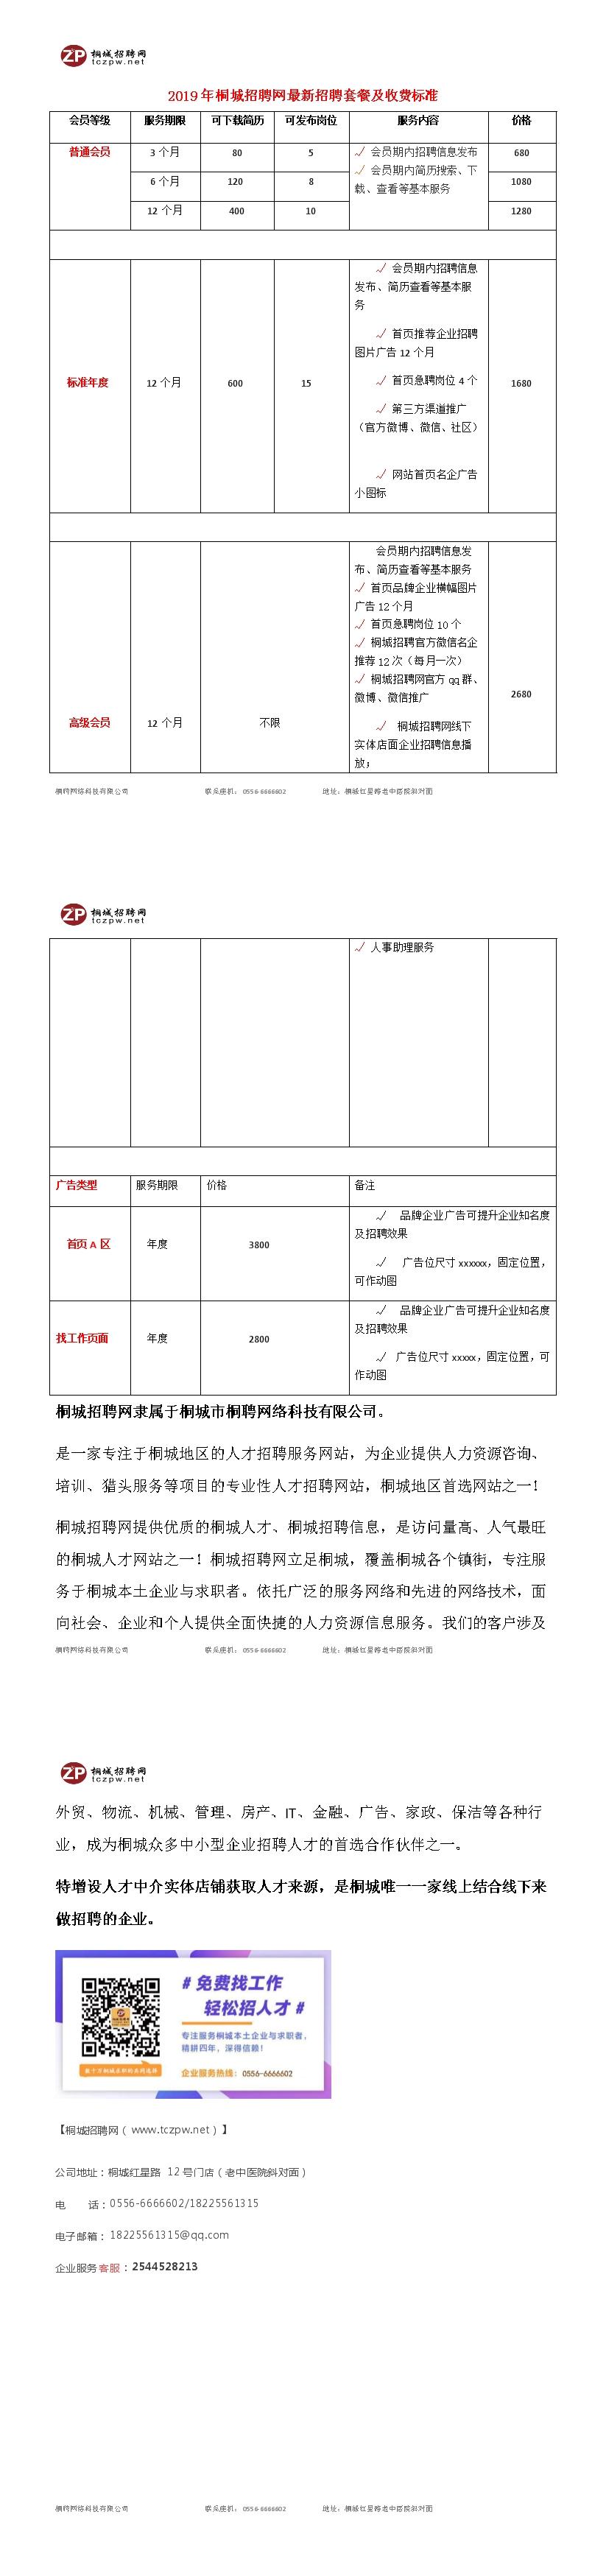 招聘网收费标准.png